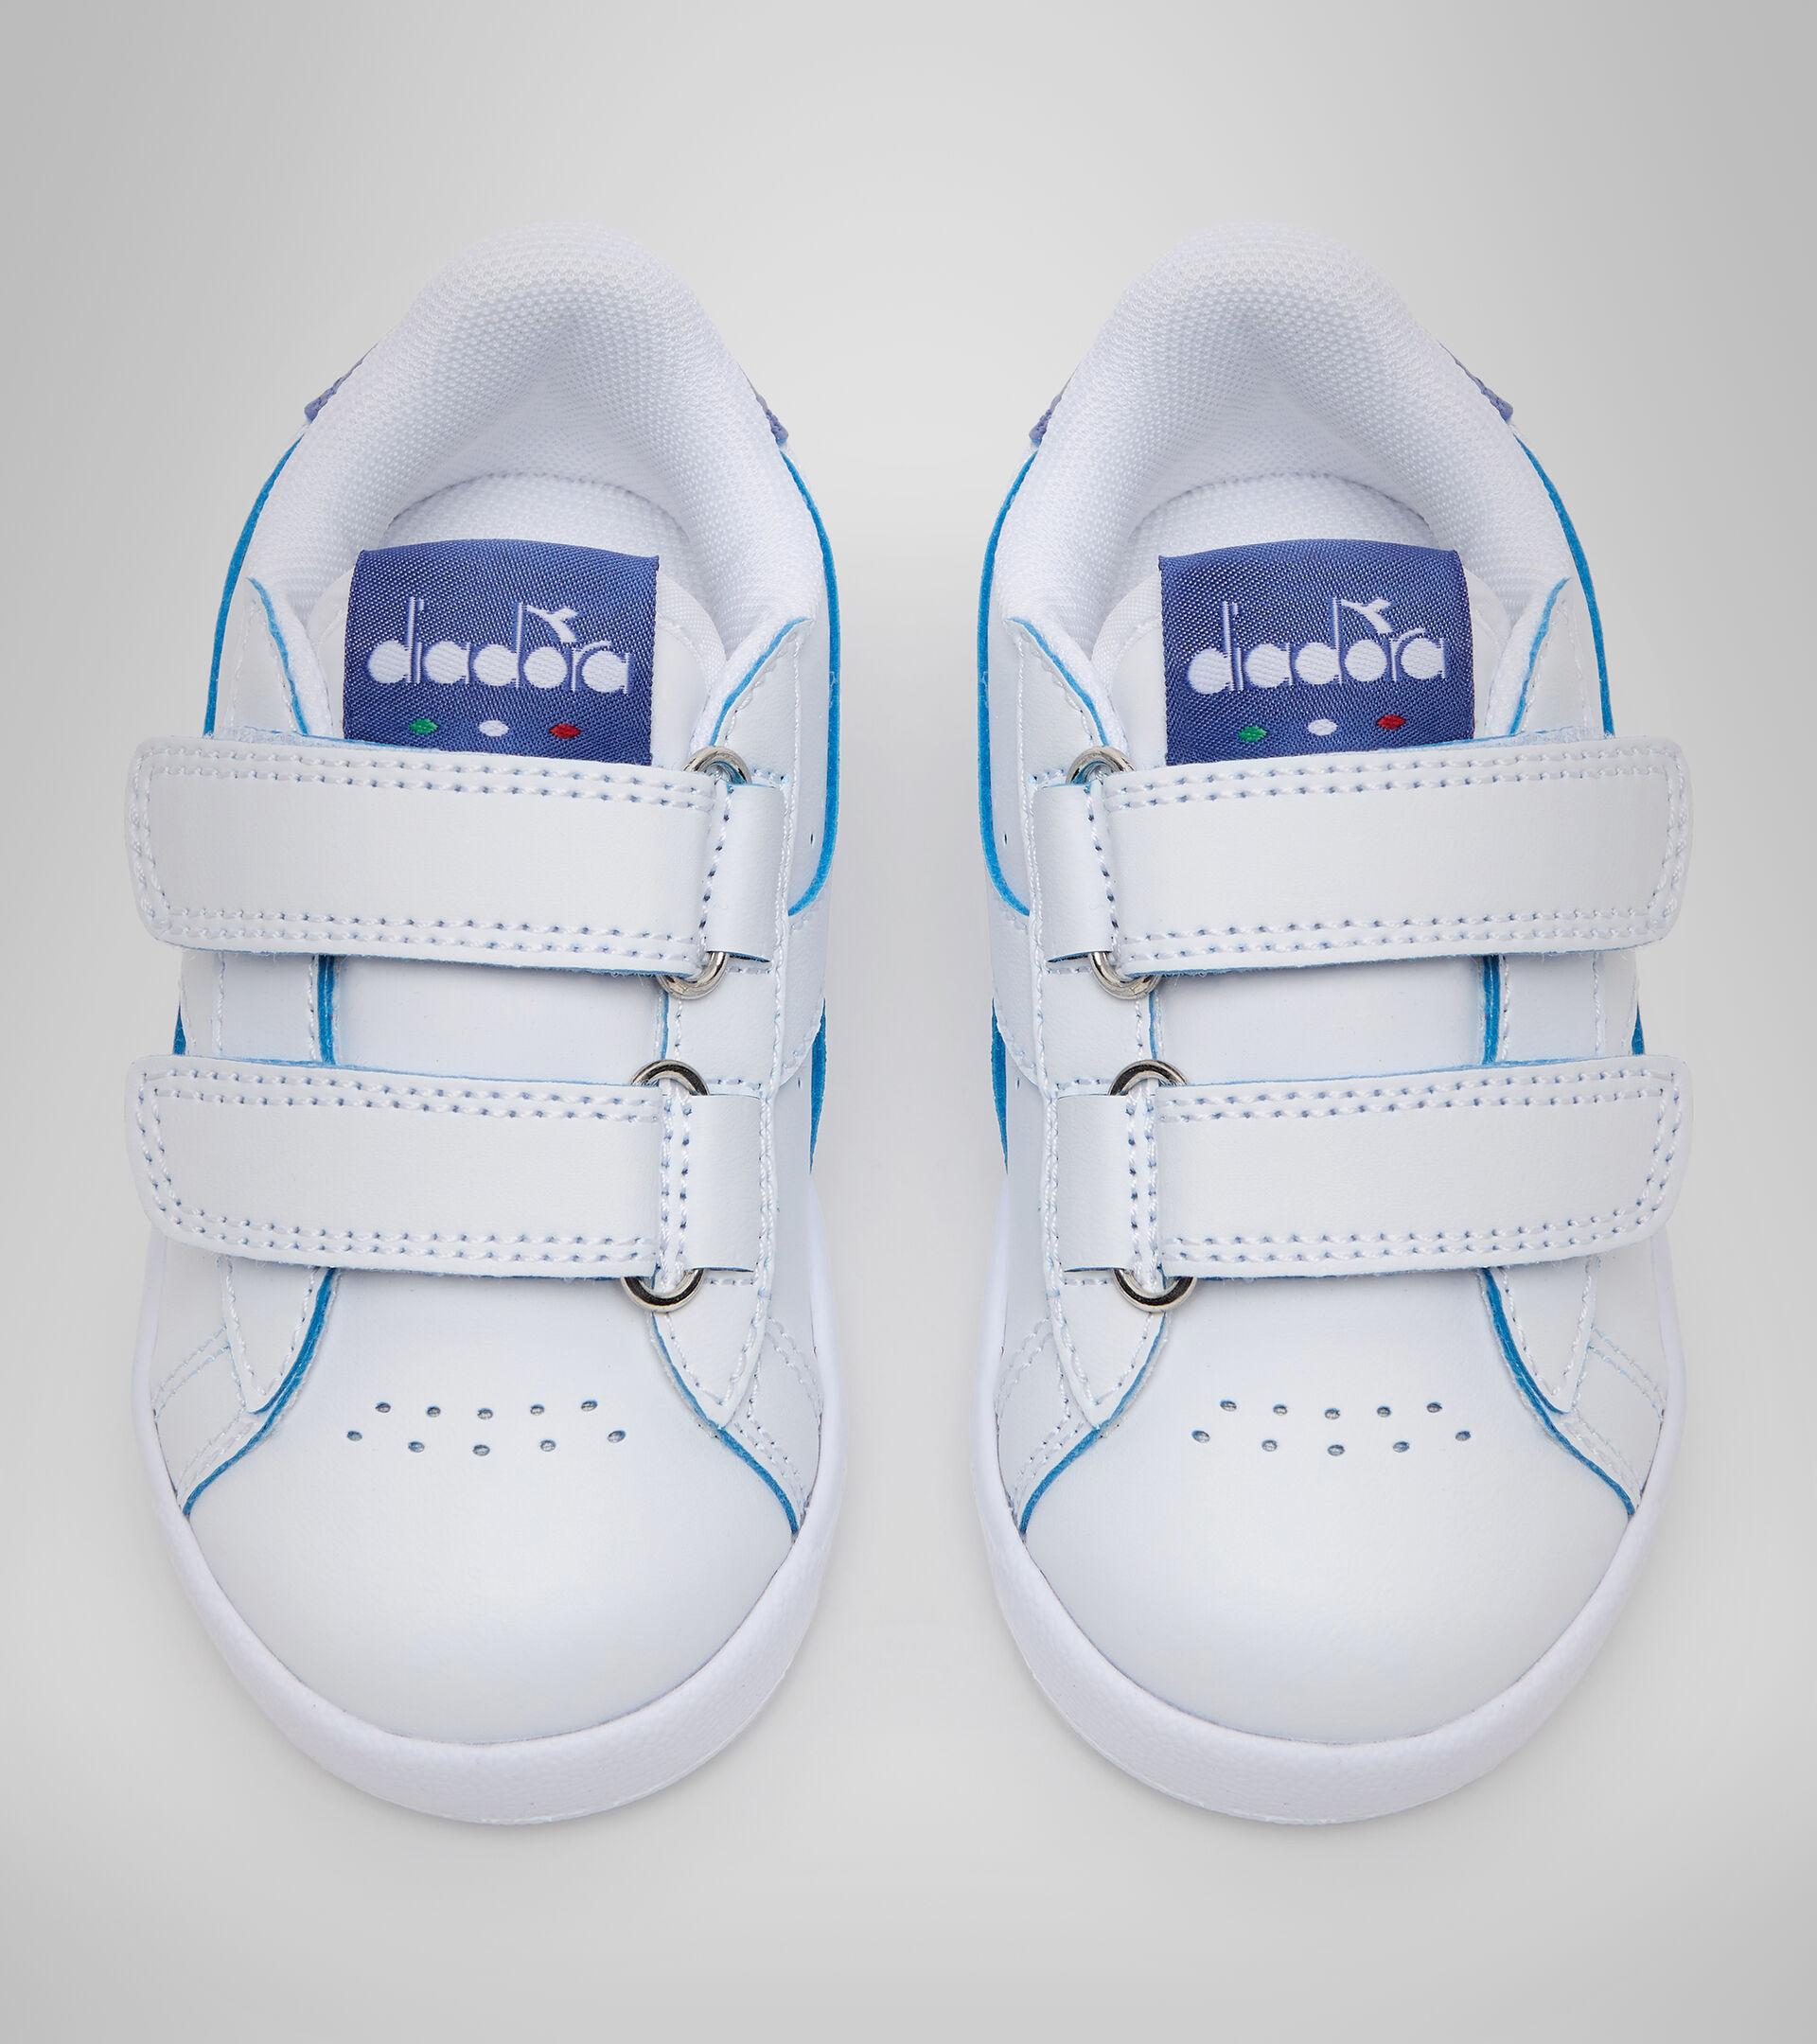 Zapatilla deportiva - Niños pequeños 1-4 años GAME P SMASH TD BIANCO/BLU OCCHI - Diadora